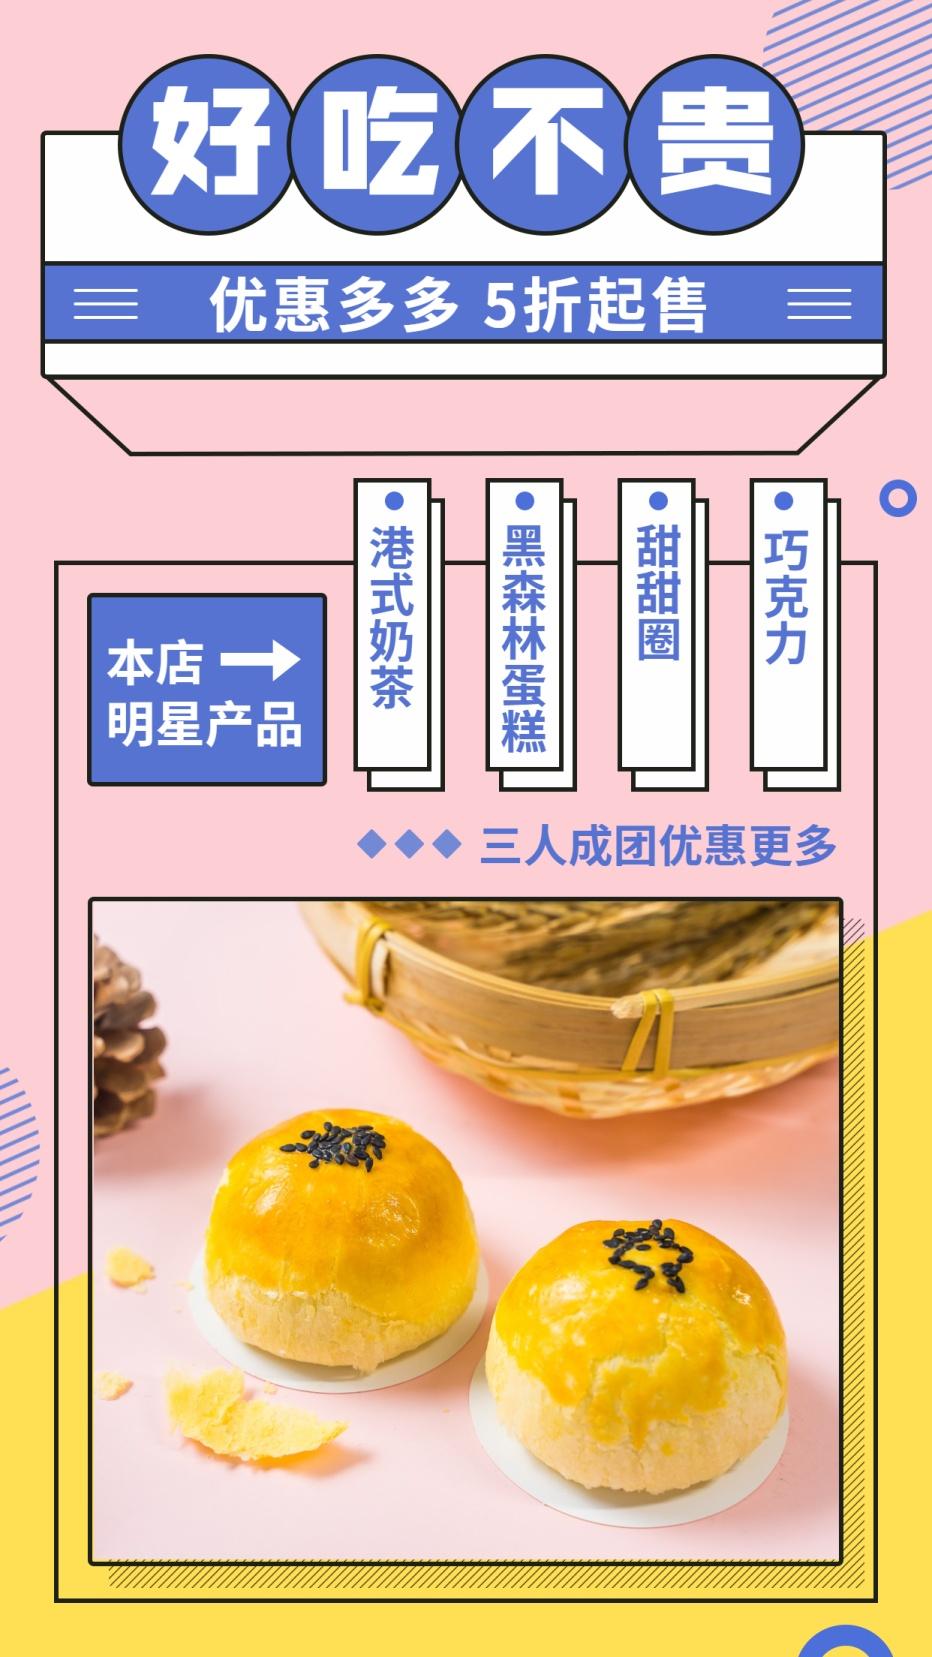 餐饮美食产品优惠实景简约时尚手机海报